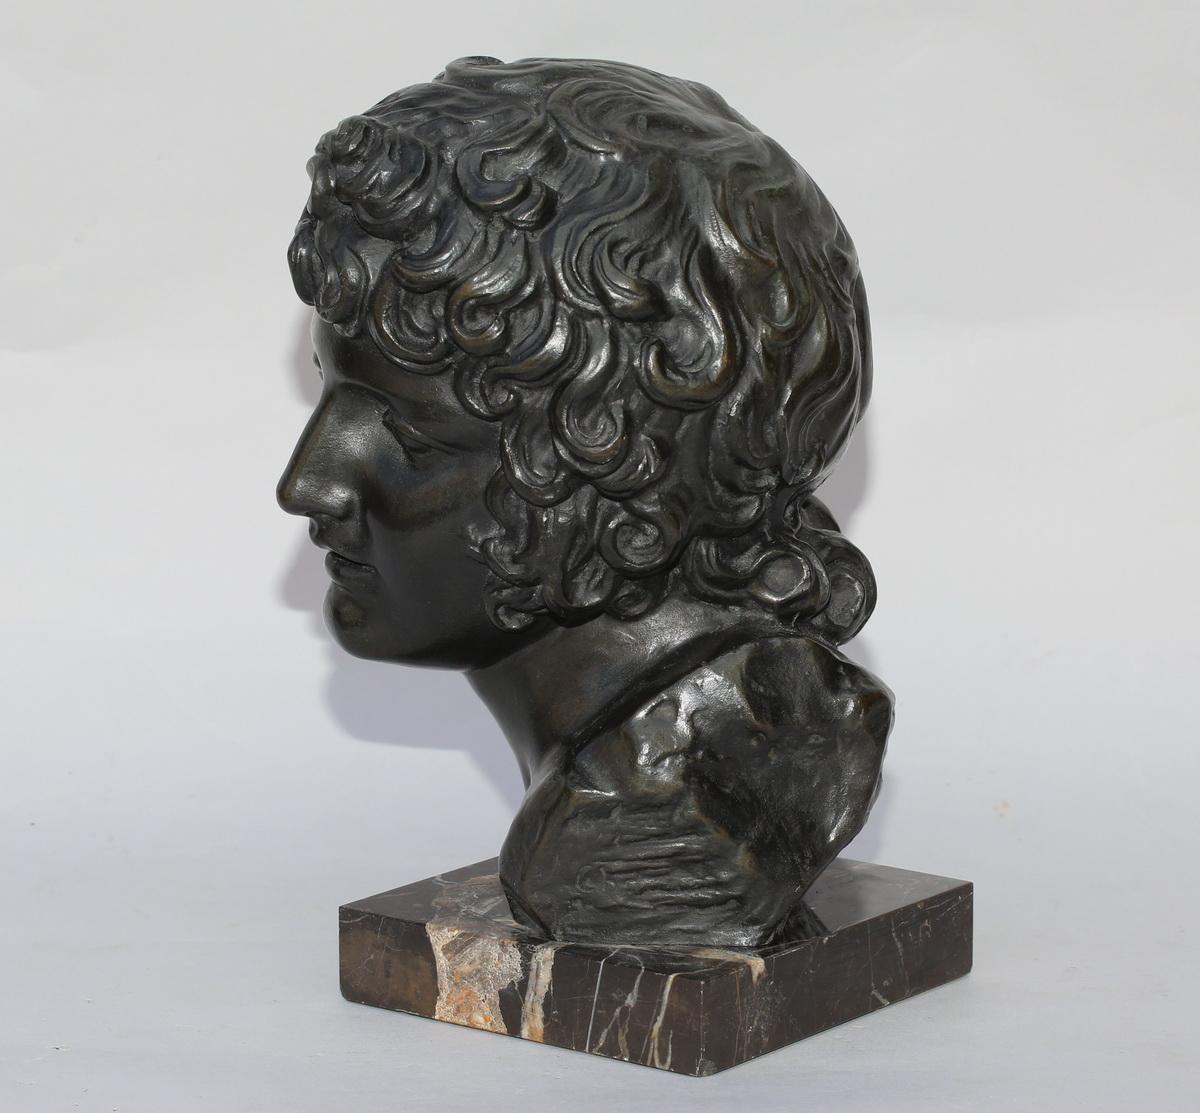 Antoine Denis Chaudet (1768-1810) after